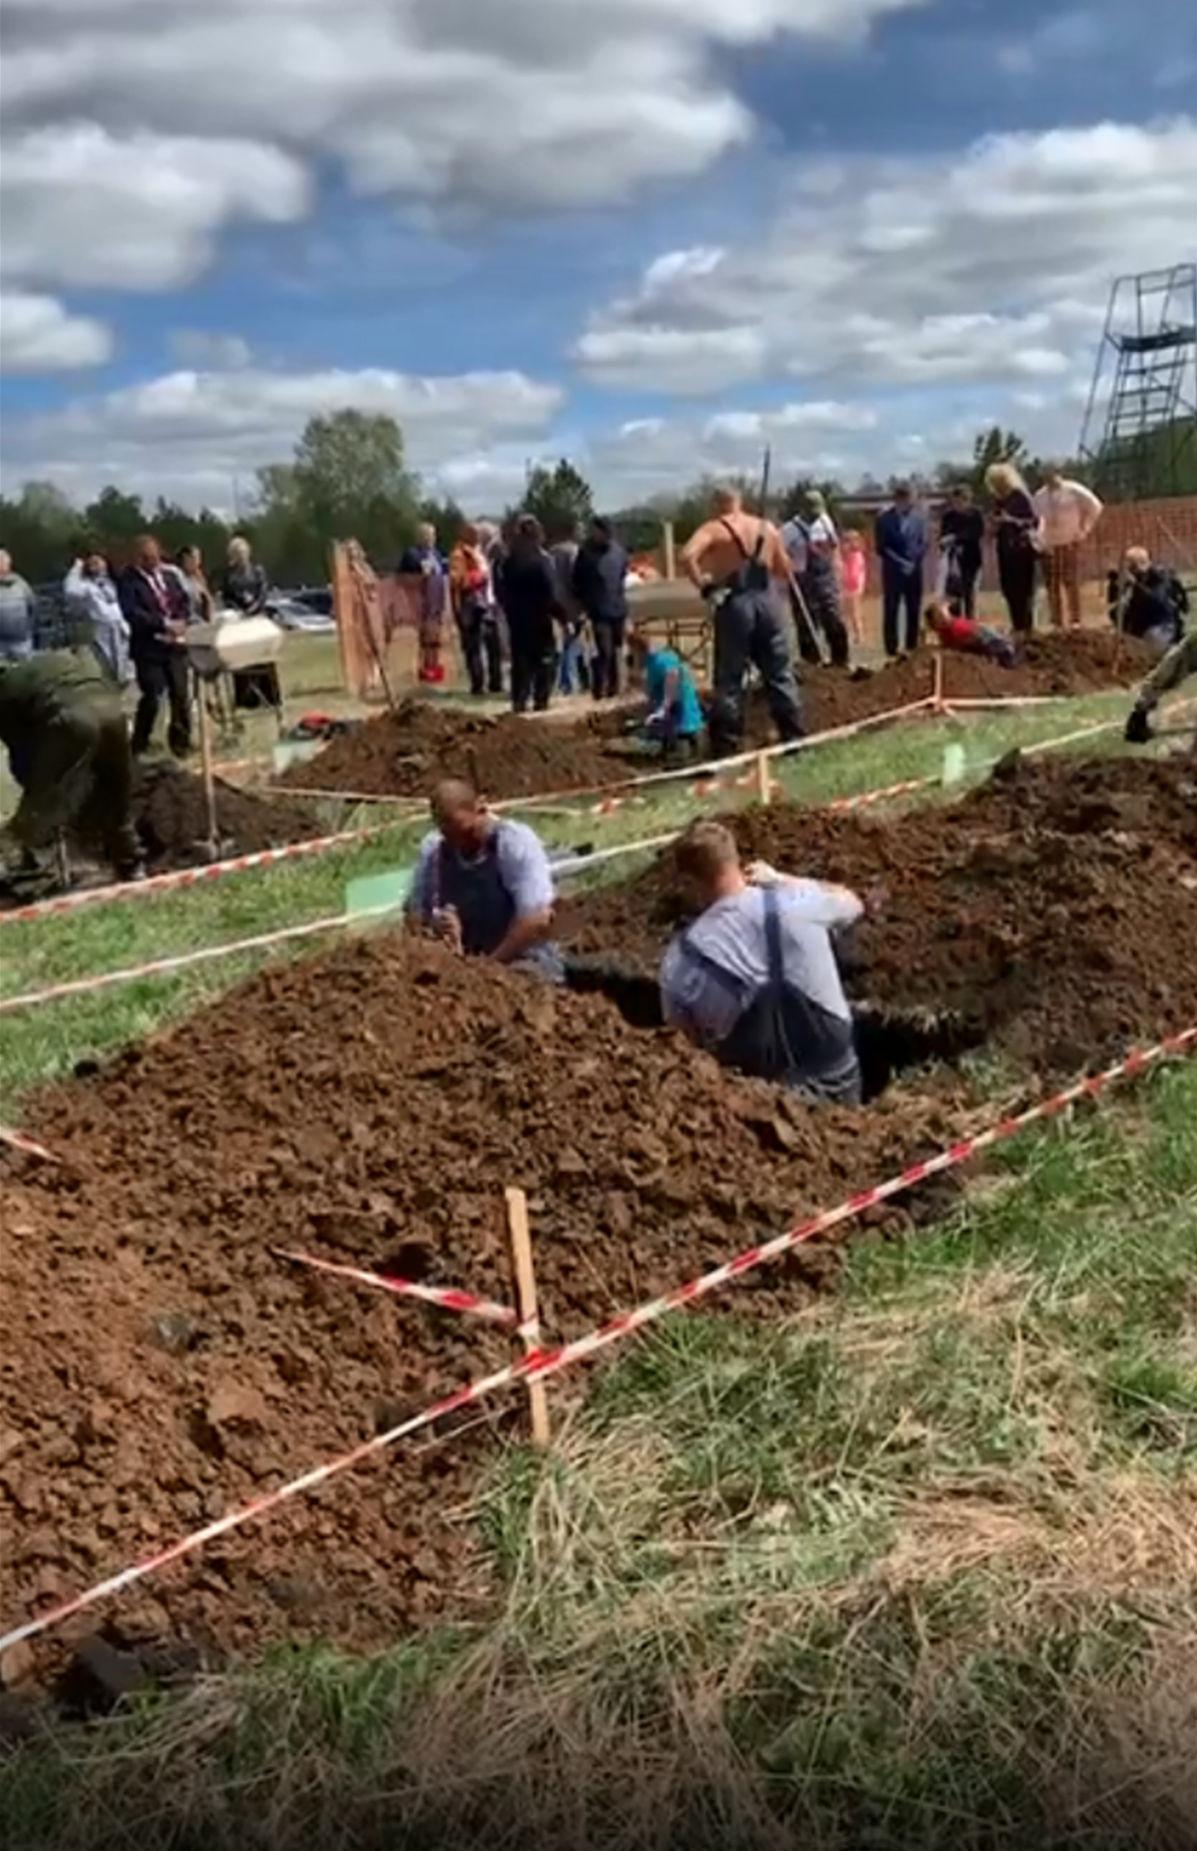 俄罗斯办挖坟竞速赛:坟坑要深过1米6 还需整洁(图)